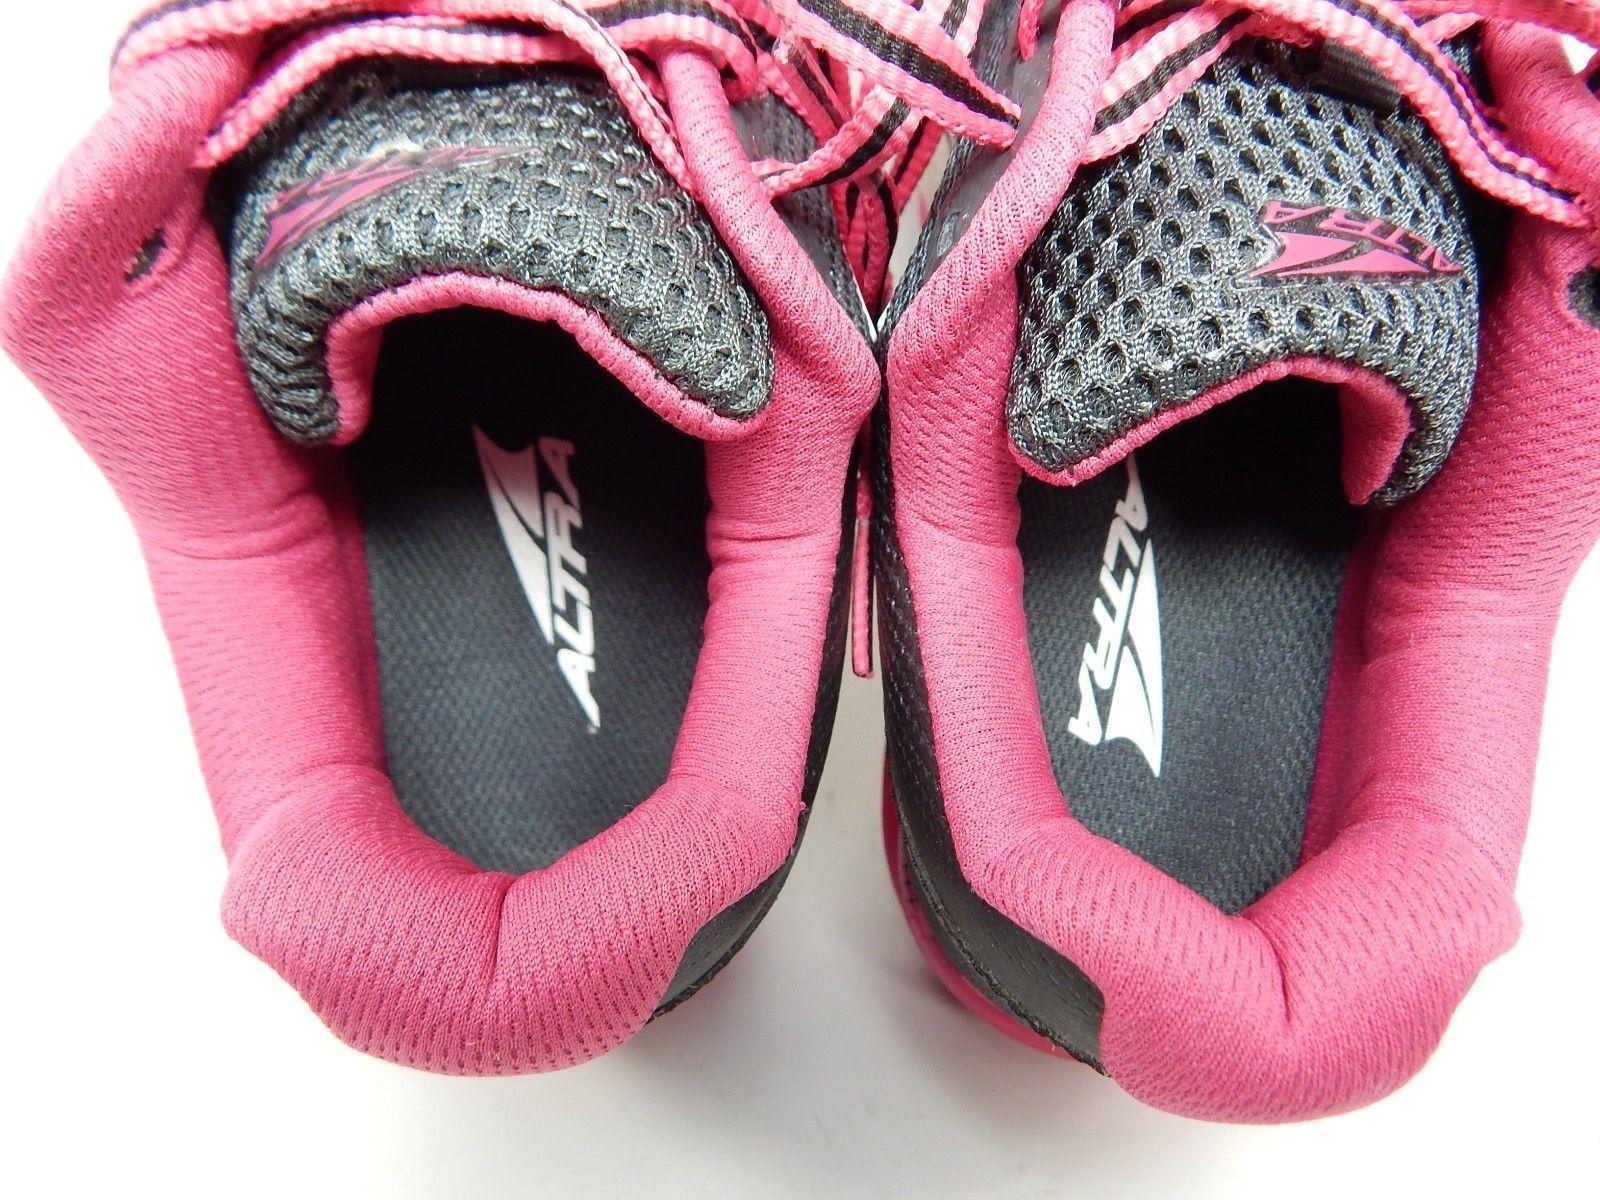 Altra Torin 2.5 Size 6.5 M (B) EU 37.5 Women's Running Shoes Grey / Rasberry